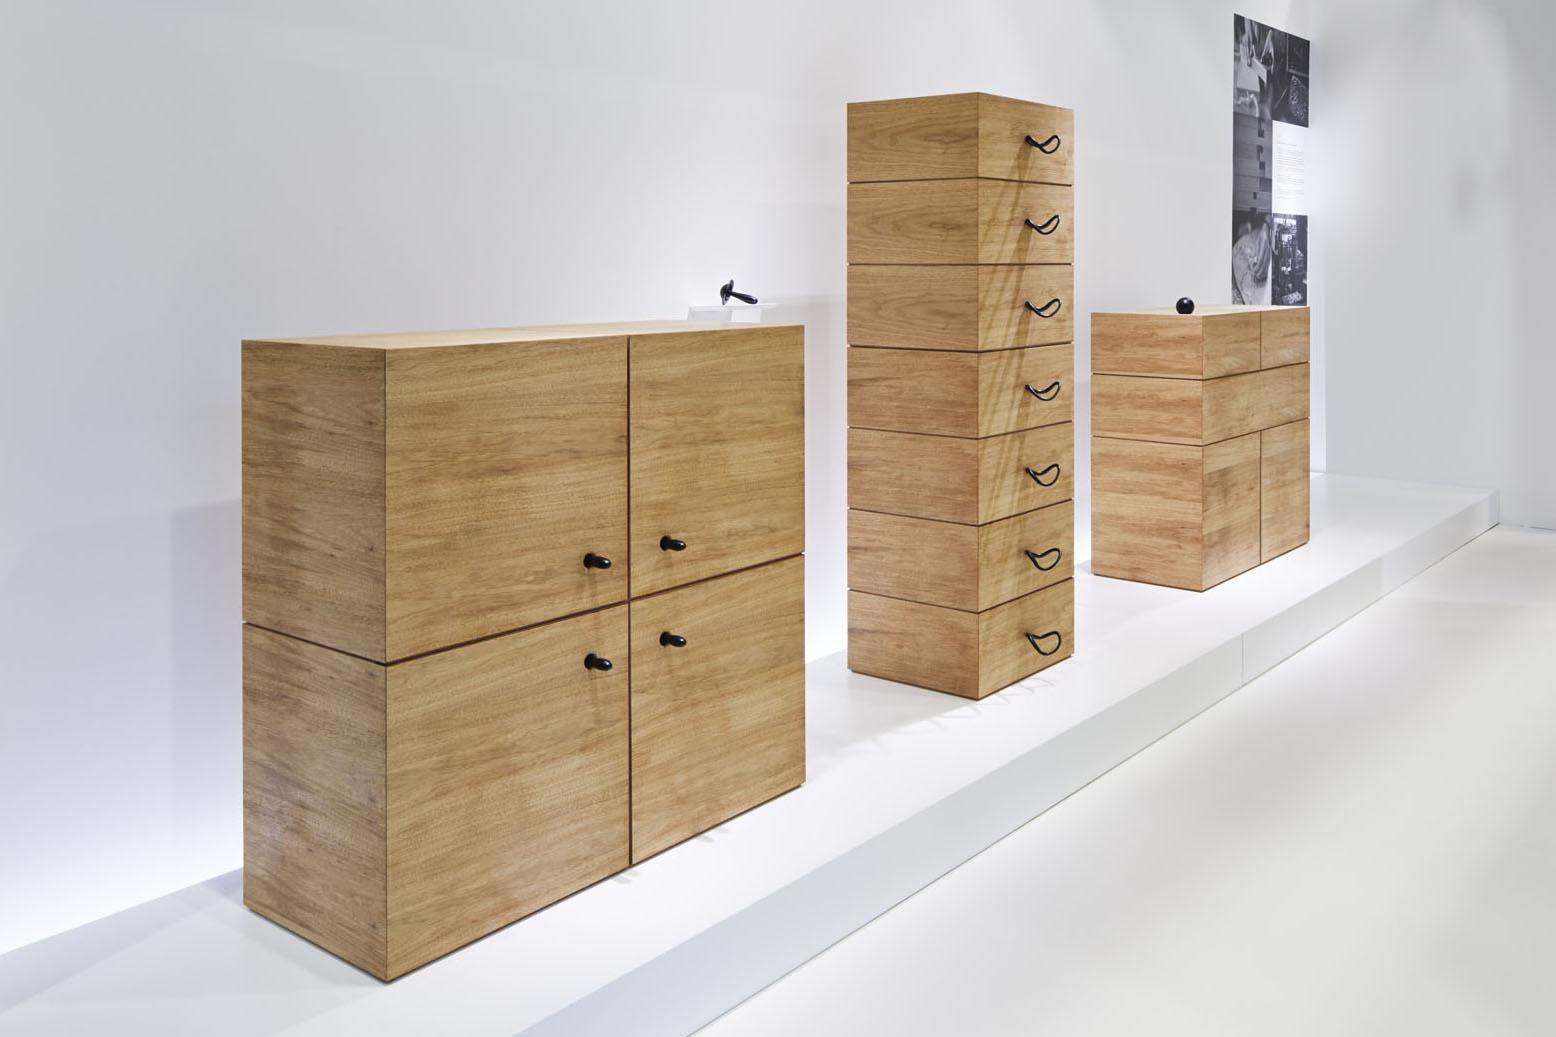 Fujisato Woodcraft× Ron Gilad